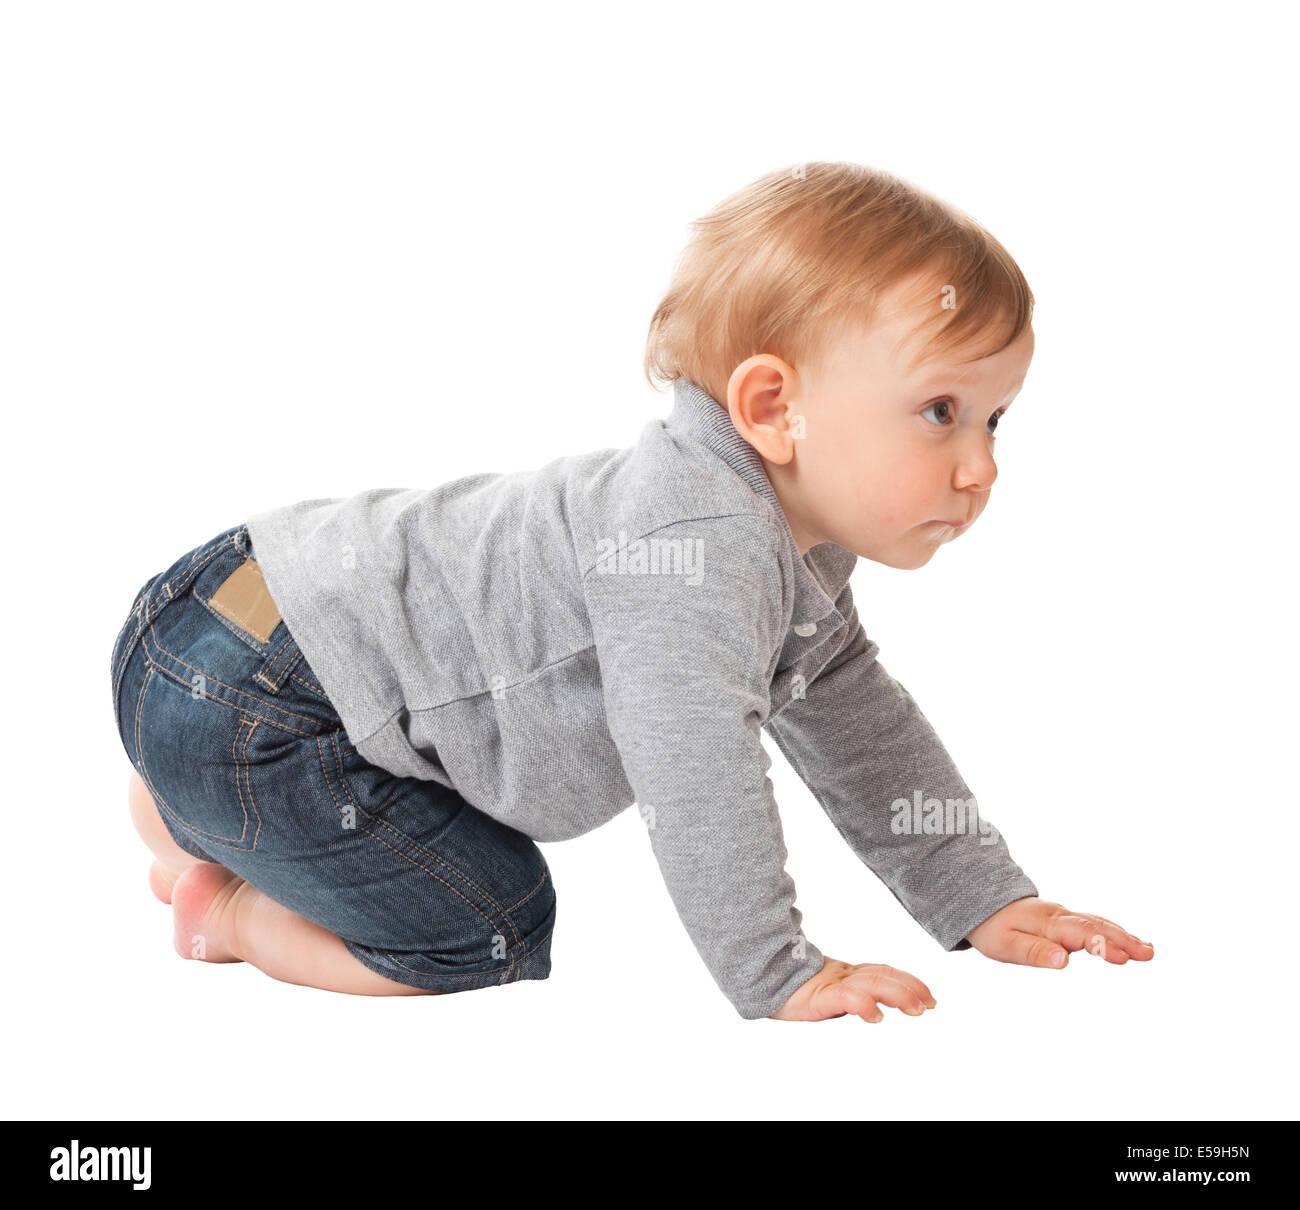 portrait of child crawl on white background - Stock Image